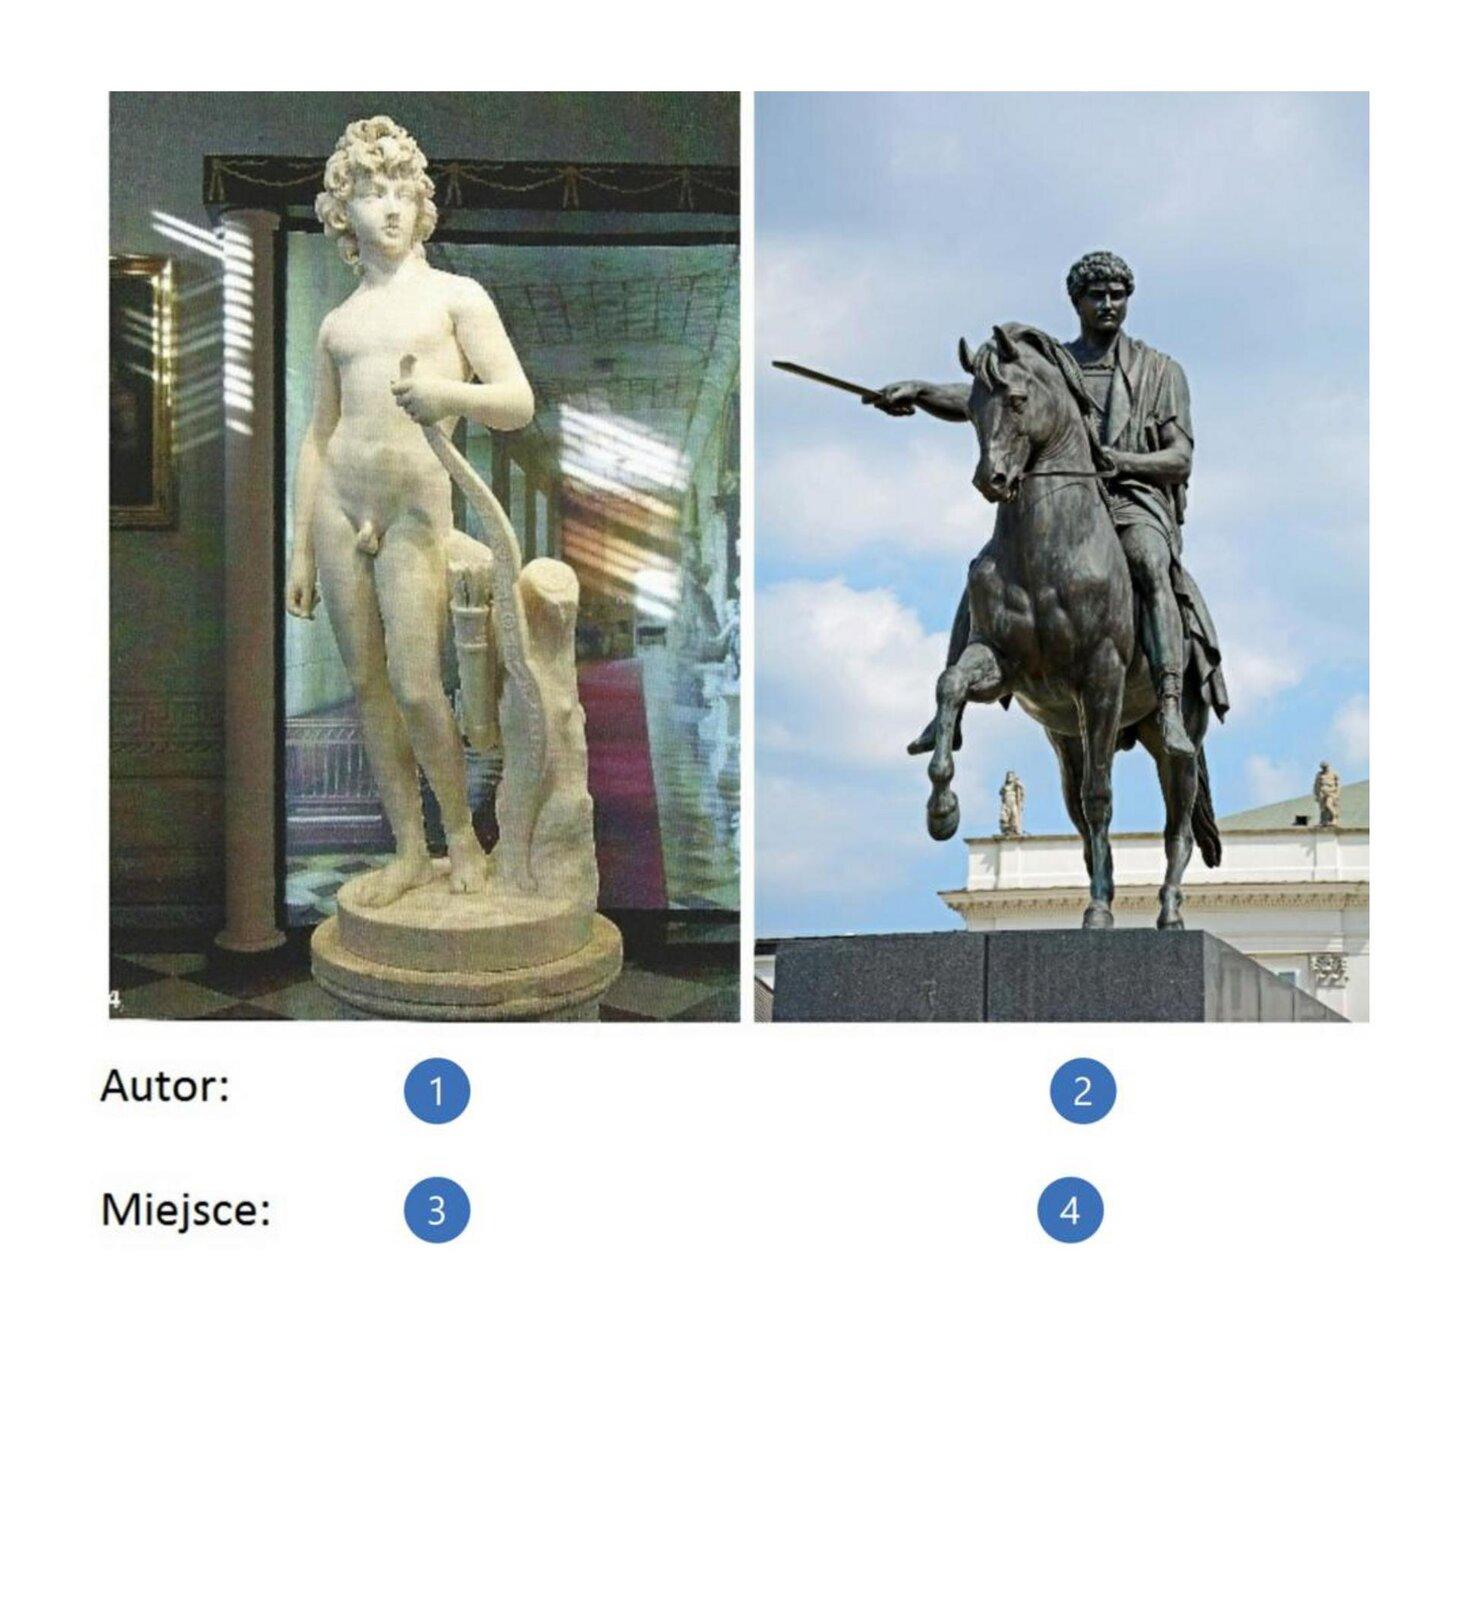 Pierwsza ilustracja przedstawia rzeźbę Henryka Lubomirskiego. Mężczyzna przedstawiony jest jako amor. Nagi chłopiec ma bujną fryzurę. Dłoń trzyma na łuku, który oparty jest oskałę. Obok znajdują się także strzały. Rzeźba znajduje się wpomieszczeniu, na co wskazuje tło - fragment obrazu na ścianie, wejście do pomieszczenia, za którym widoczny jest długi, czerwony dywan oraz inne stojące rzeźby. Druga ilustracja przedstawia pomnik księcia Józefa Poniatowskiego. Na fotografii widzimy mężczyznę wrzymskim ubraniu. Poniatowski ma kręcone włosy oraz poważny wyraz twarzy. Mężczyzna siedzi na koniu. Jedną ręką trzyma uprząż. Natomiast drugą rękę ma wyciągniętą do przodu itrzyma wniej miecz. Posąg jest wodcieniach szarości iznajduje się na podeście. Wtle widoczny jest fragment budynku.